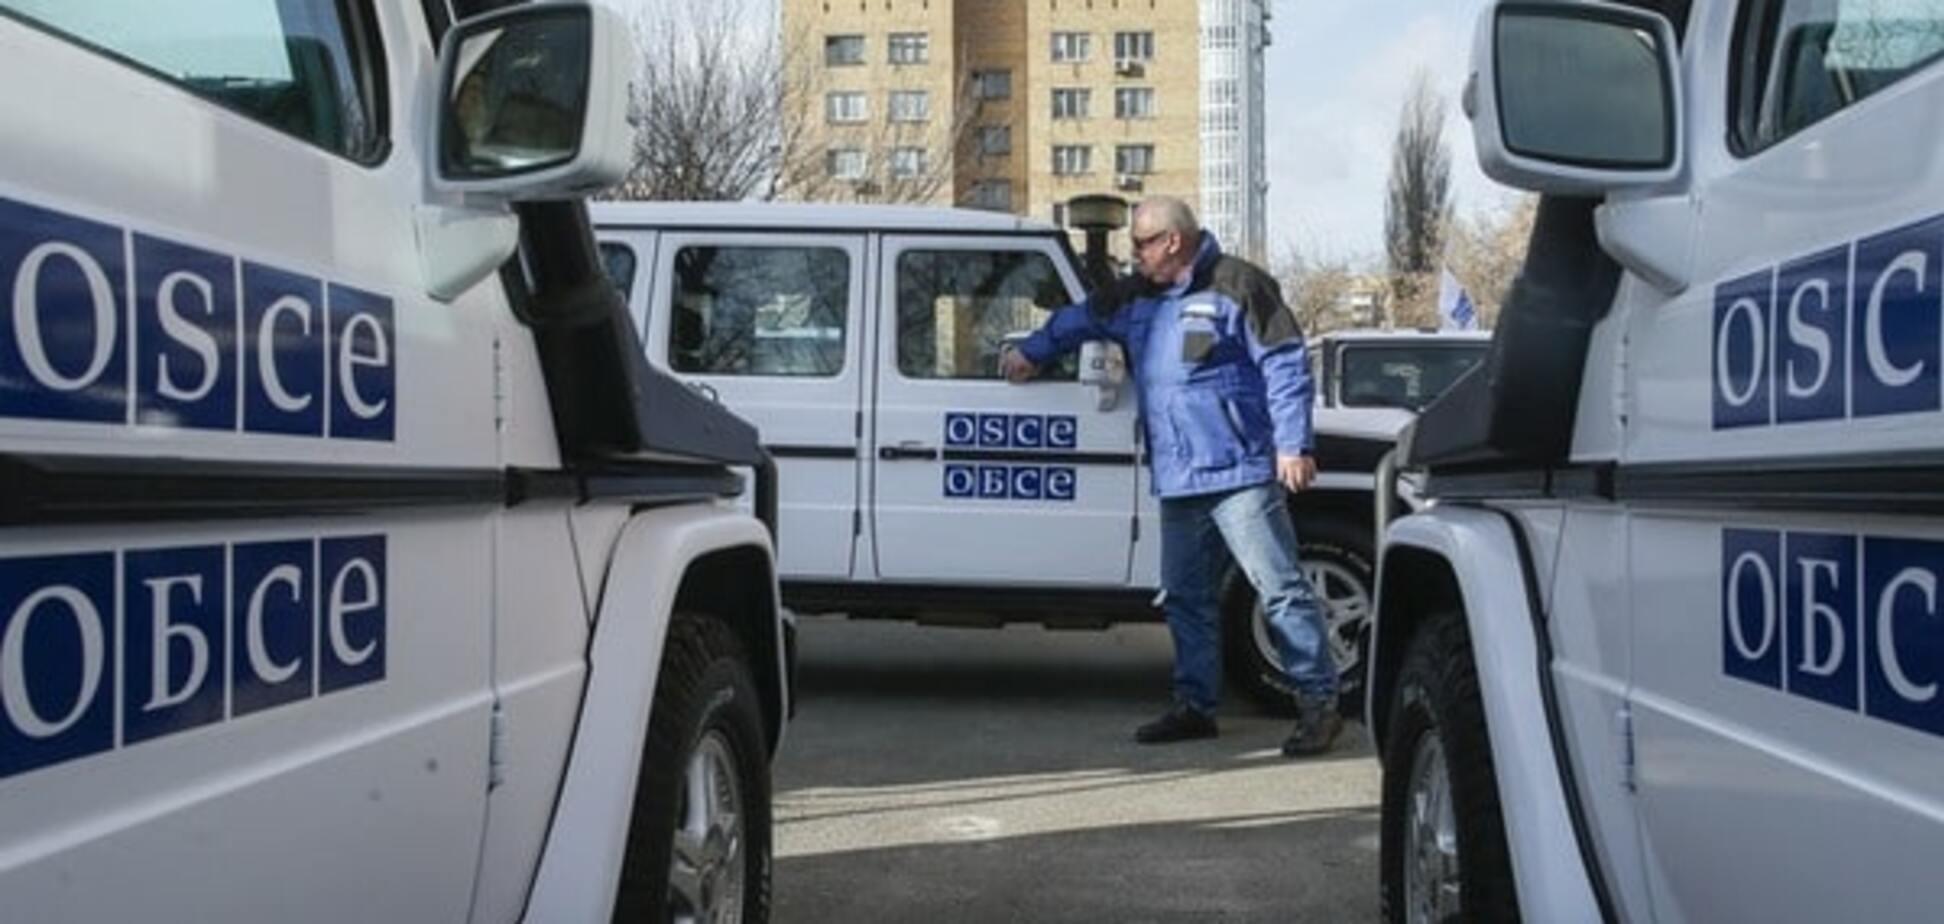 Переслідували і блокували проїзд: у 'ДНР' намагалися повісити на авто ОБСЄ георгіївську стрічку